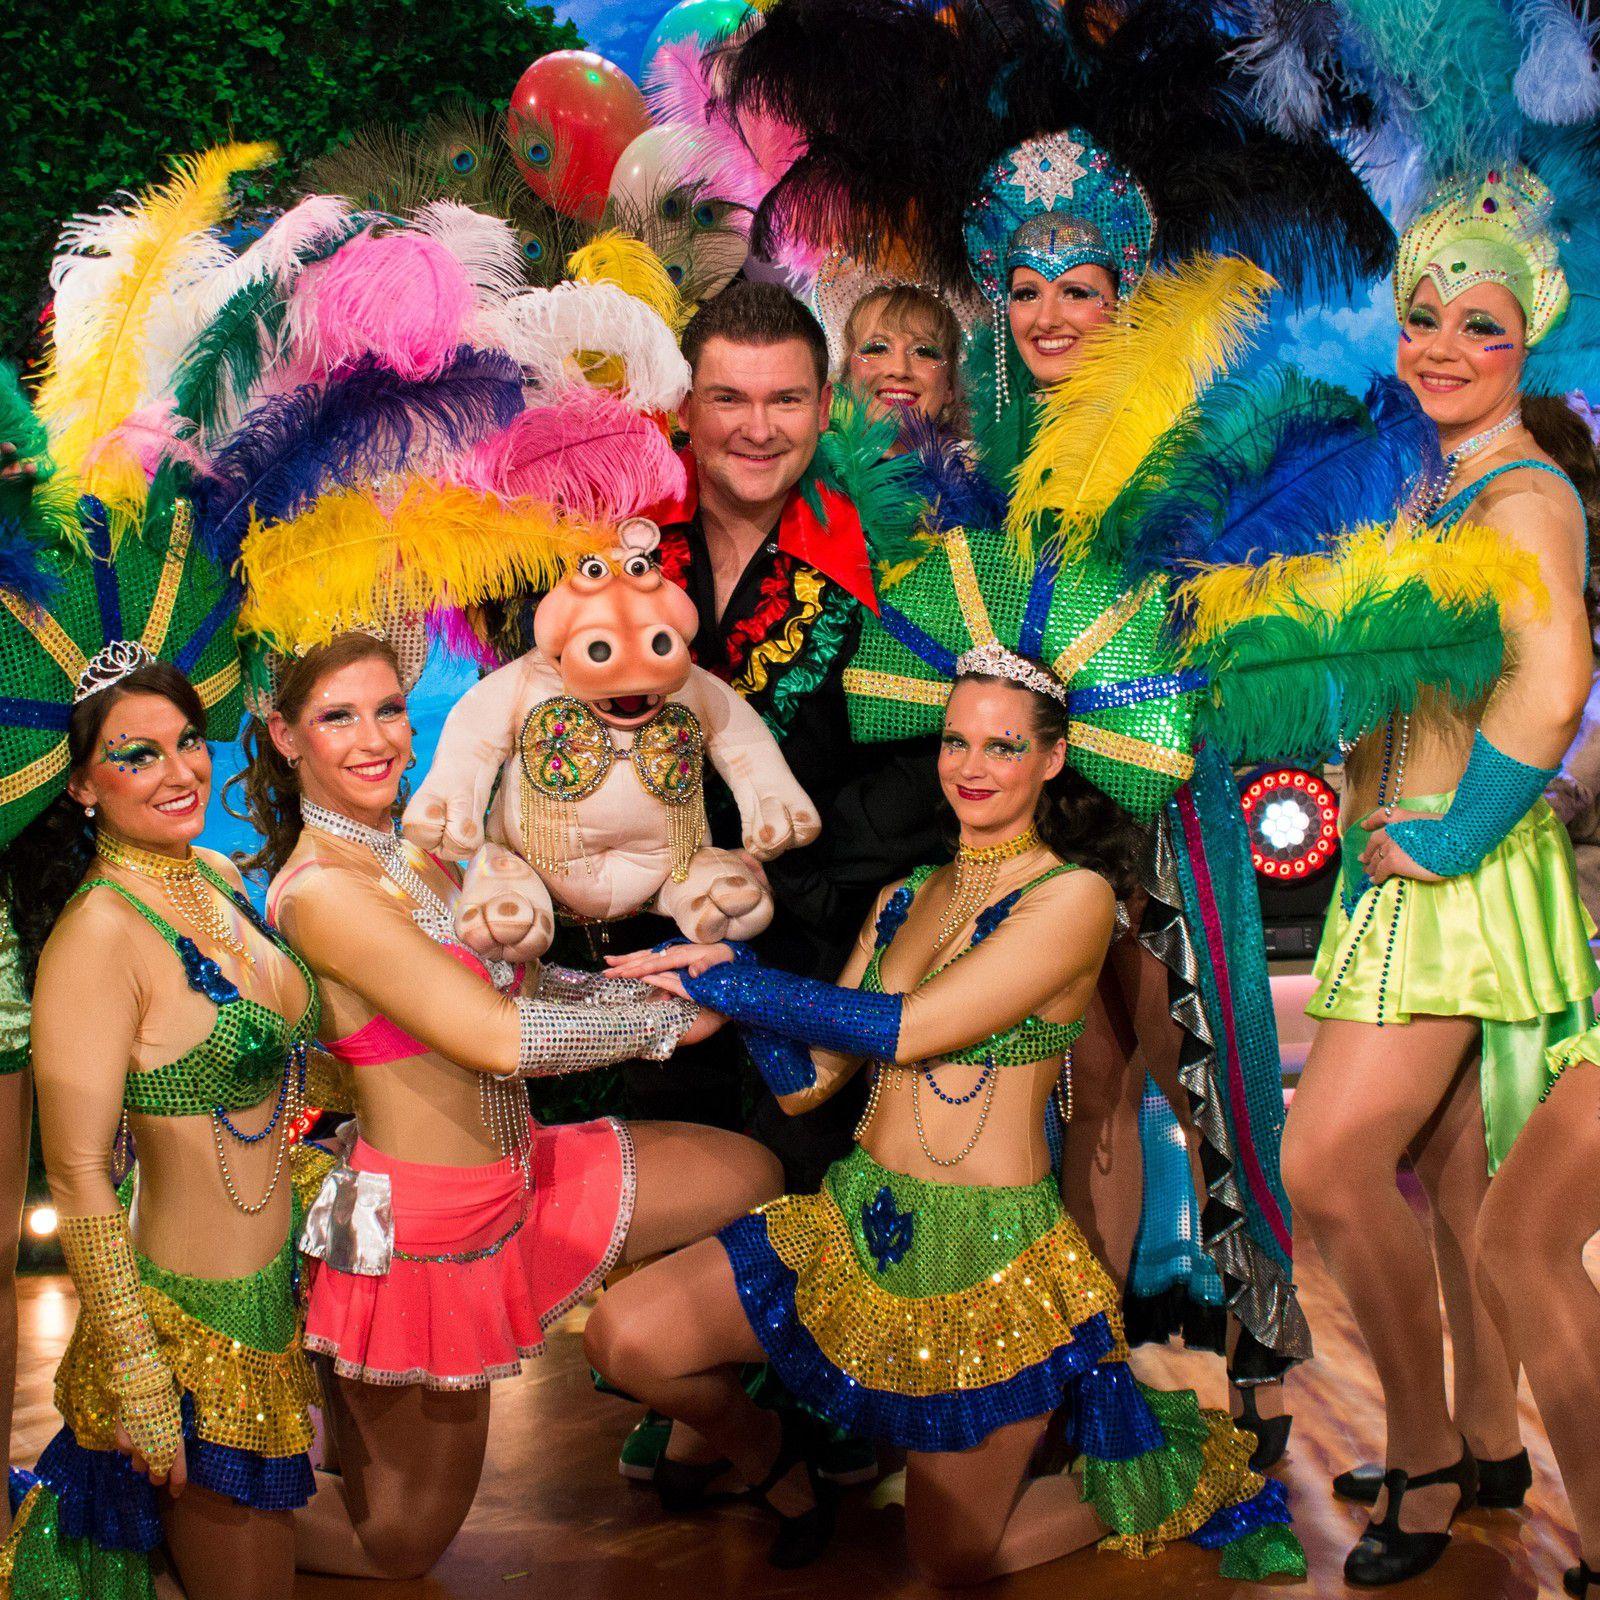 Bauchredner Sebastian Reich mit seiner Nilpferddame Amanda inmitten von Samba-Tänzerinnen der Tanzsportgarde Veitshöchheim im letzten Jahr bei der Fastnacht in Franken (Foto Feser). Reich ist auch in diesem Jahr wieder dabei.